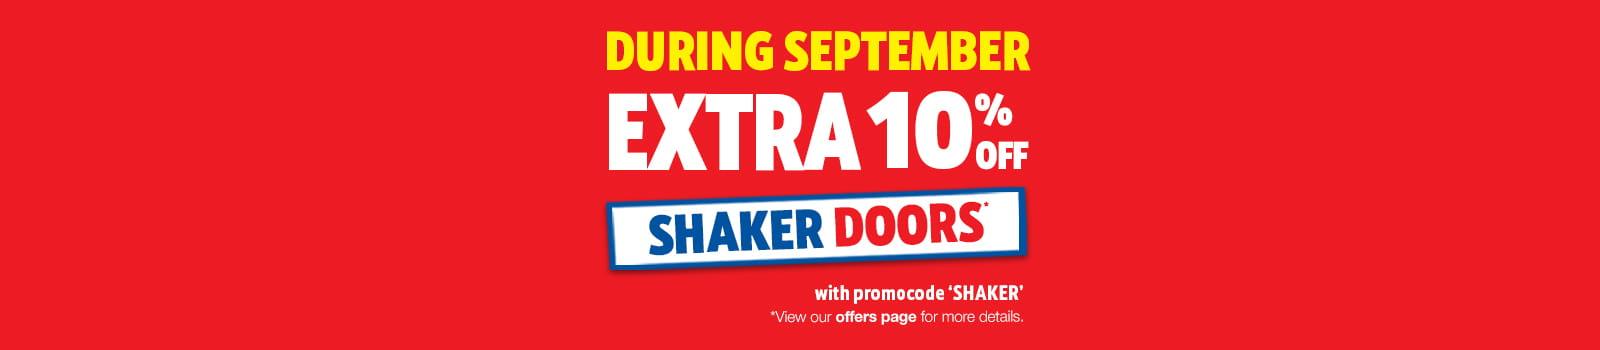 Extra 10% off shaker doors